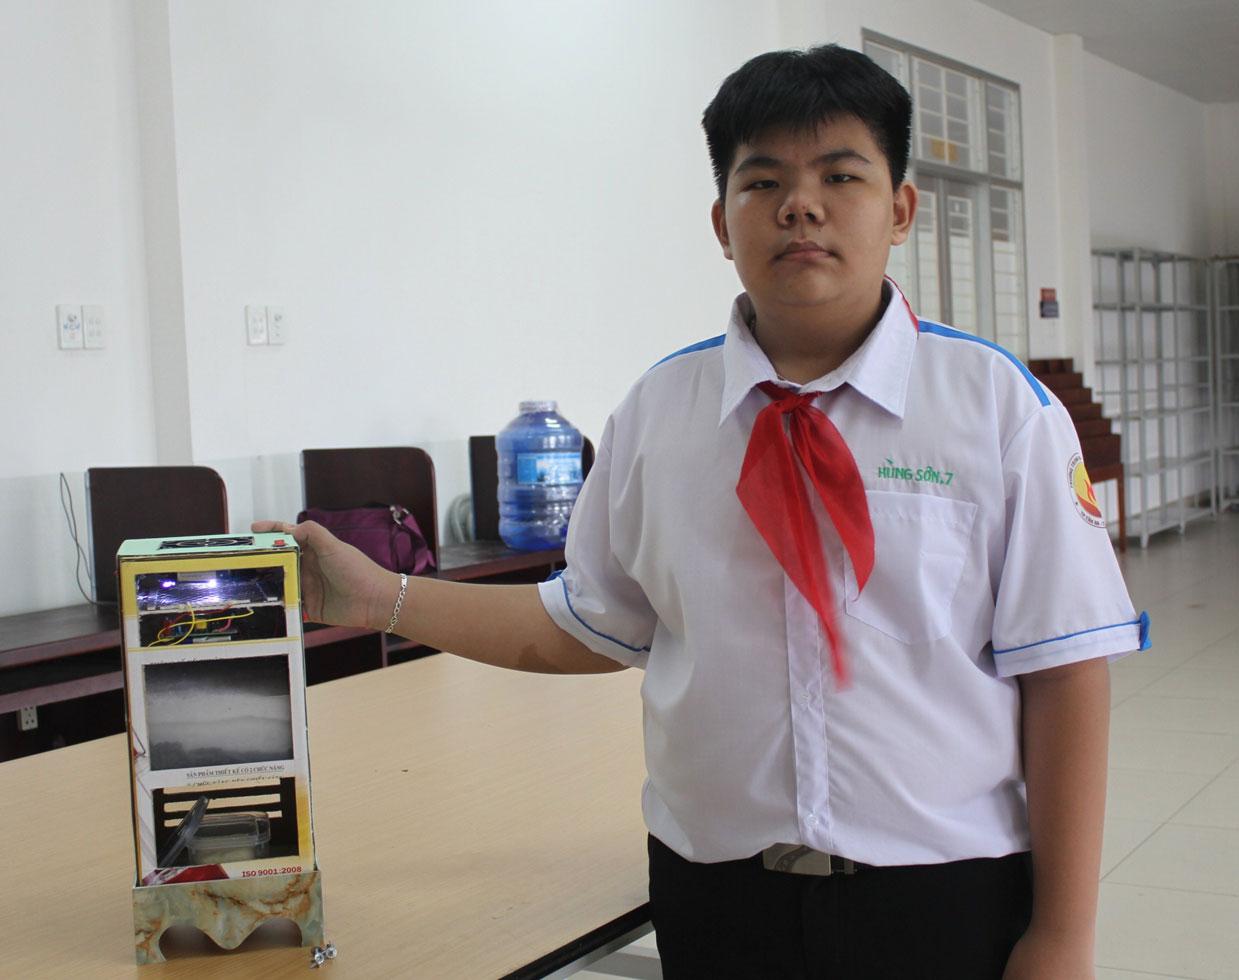 Đề tài Máy bắt muỗi 3 trong 1 của em Nguyễn Trần Hùng Sơn đoạt giải ba tại cuộc thi Sáng tạo dành cho thanh, thiếu niên, nhi đồng tỉnh Long An lần thứ 13 năm 2020